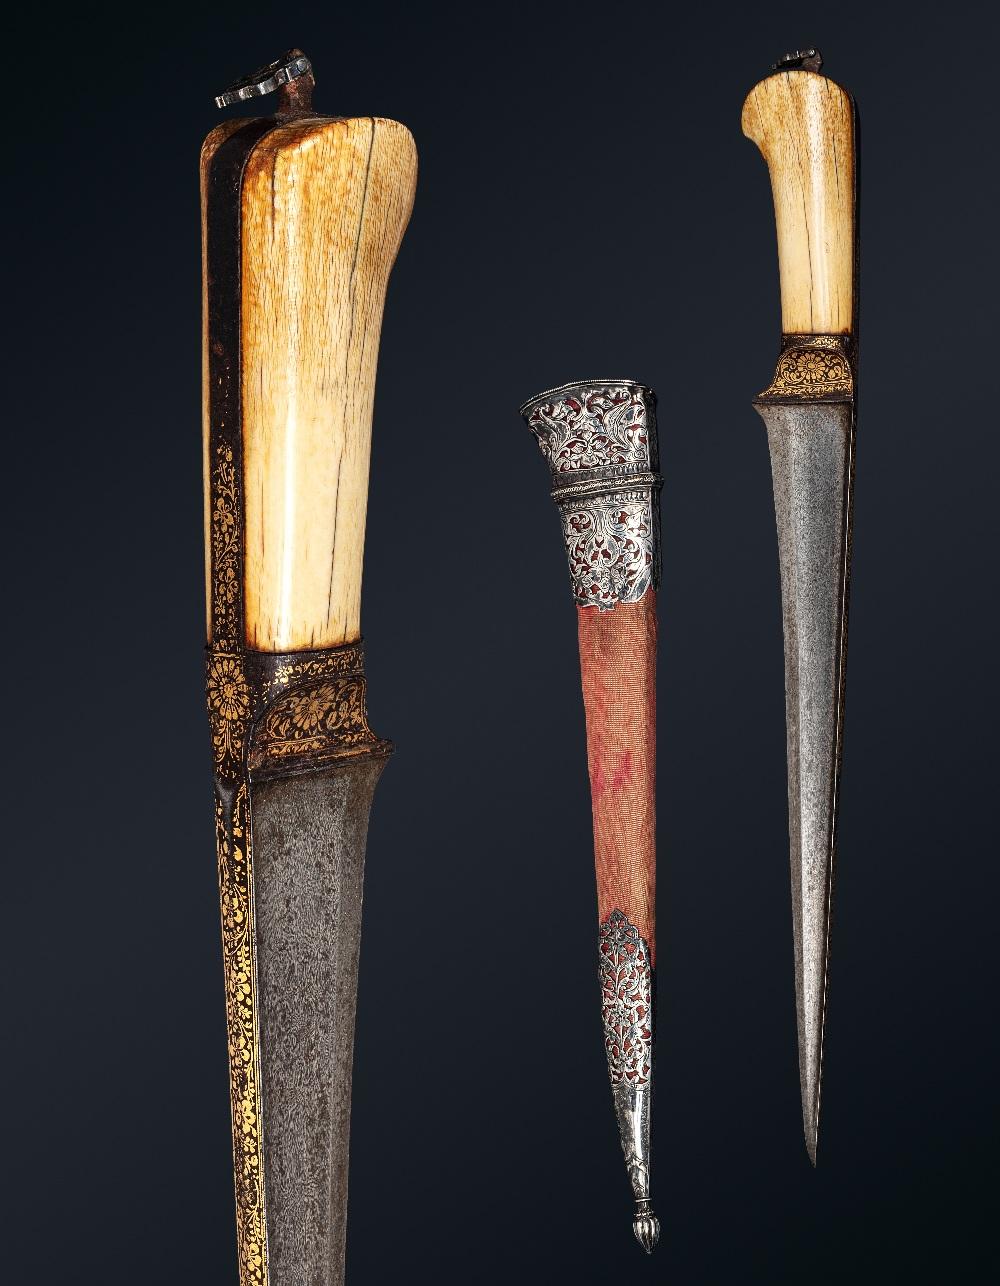 Peshkabz mogholInde, XVIIIe siècleA poignée en ivoire, garde, soie et dos de la lame incrustés d'